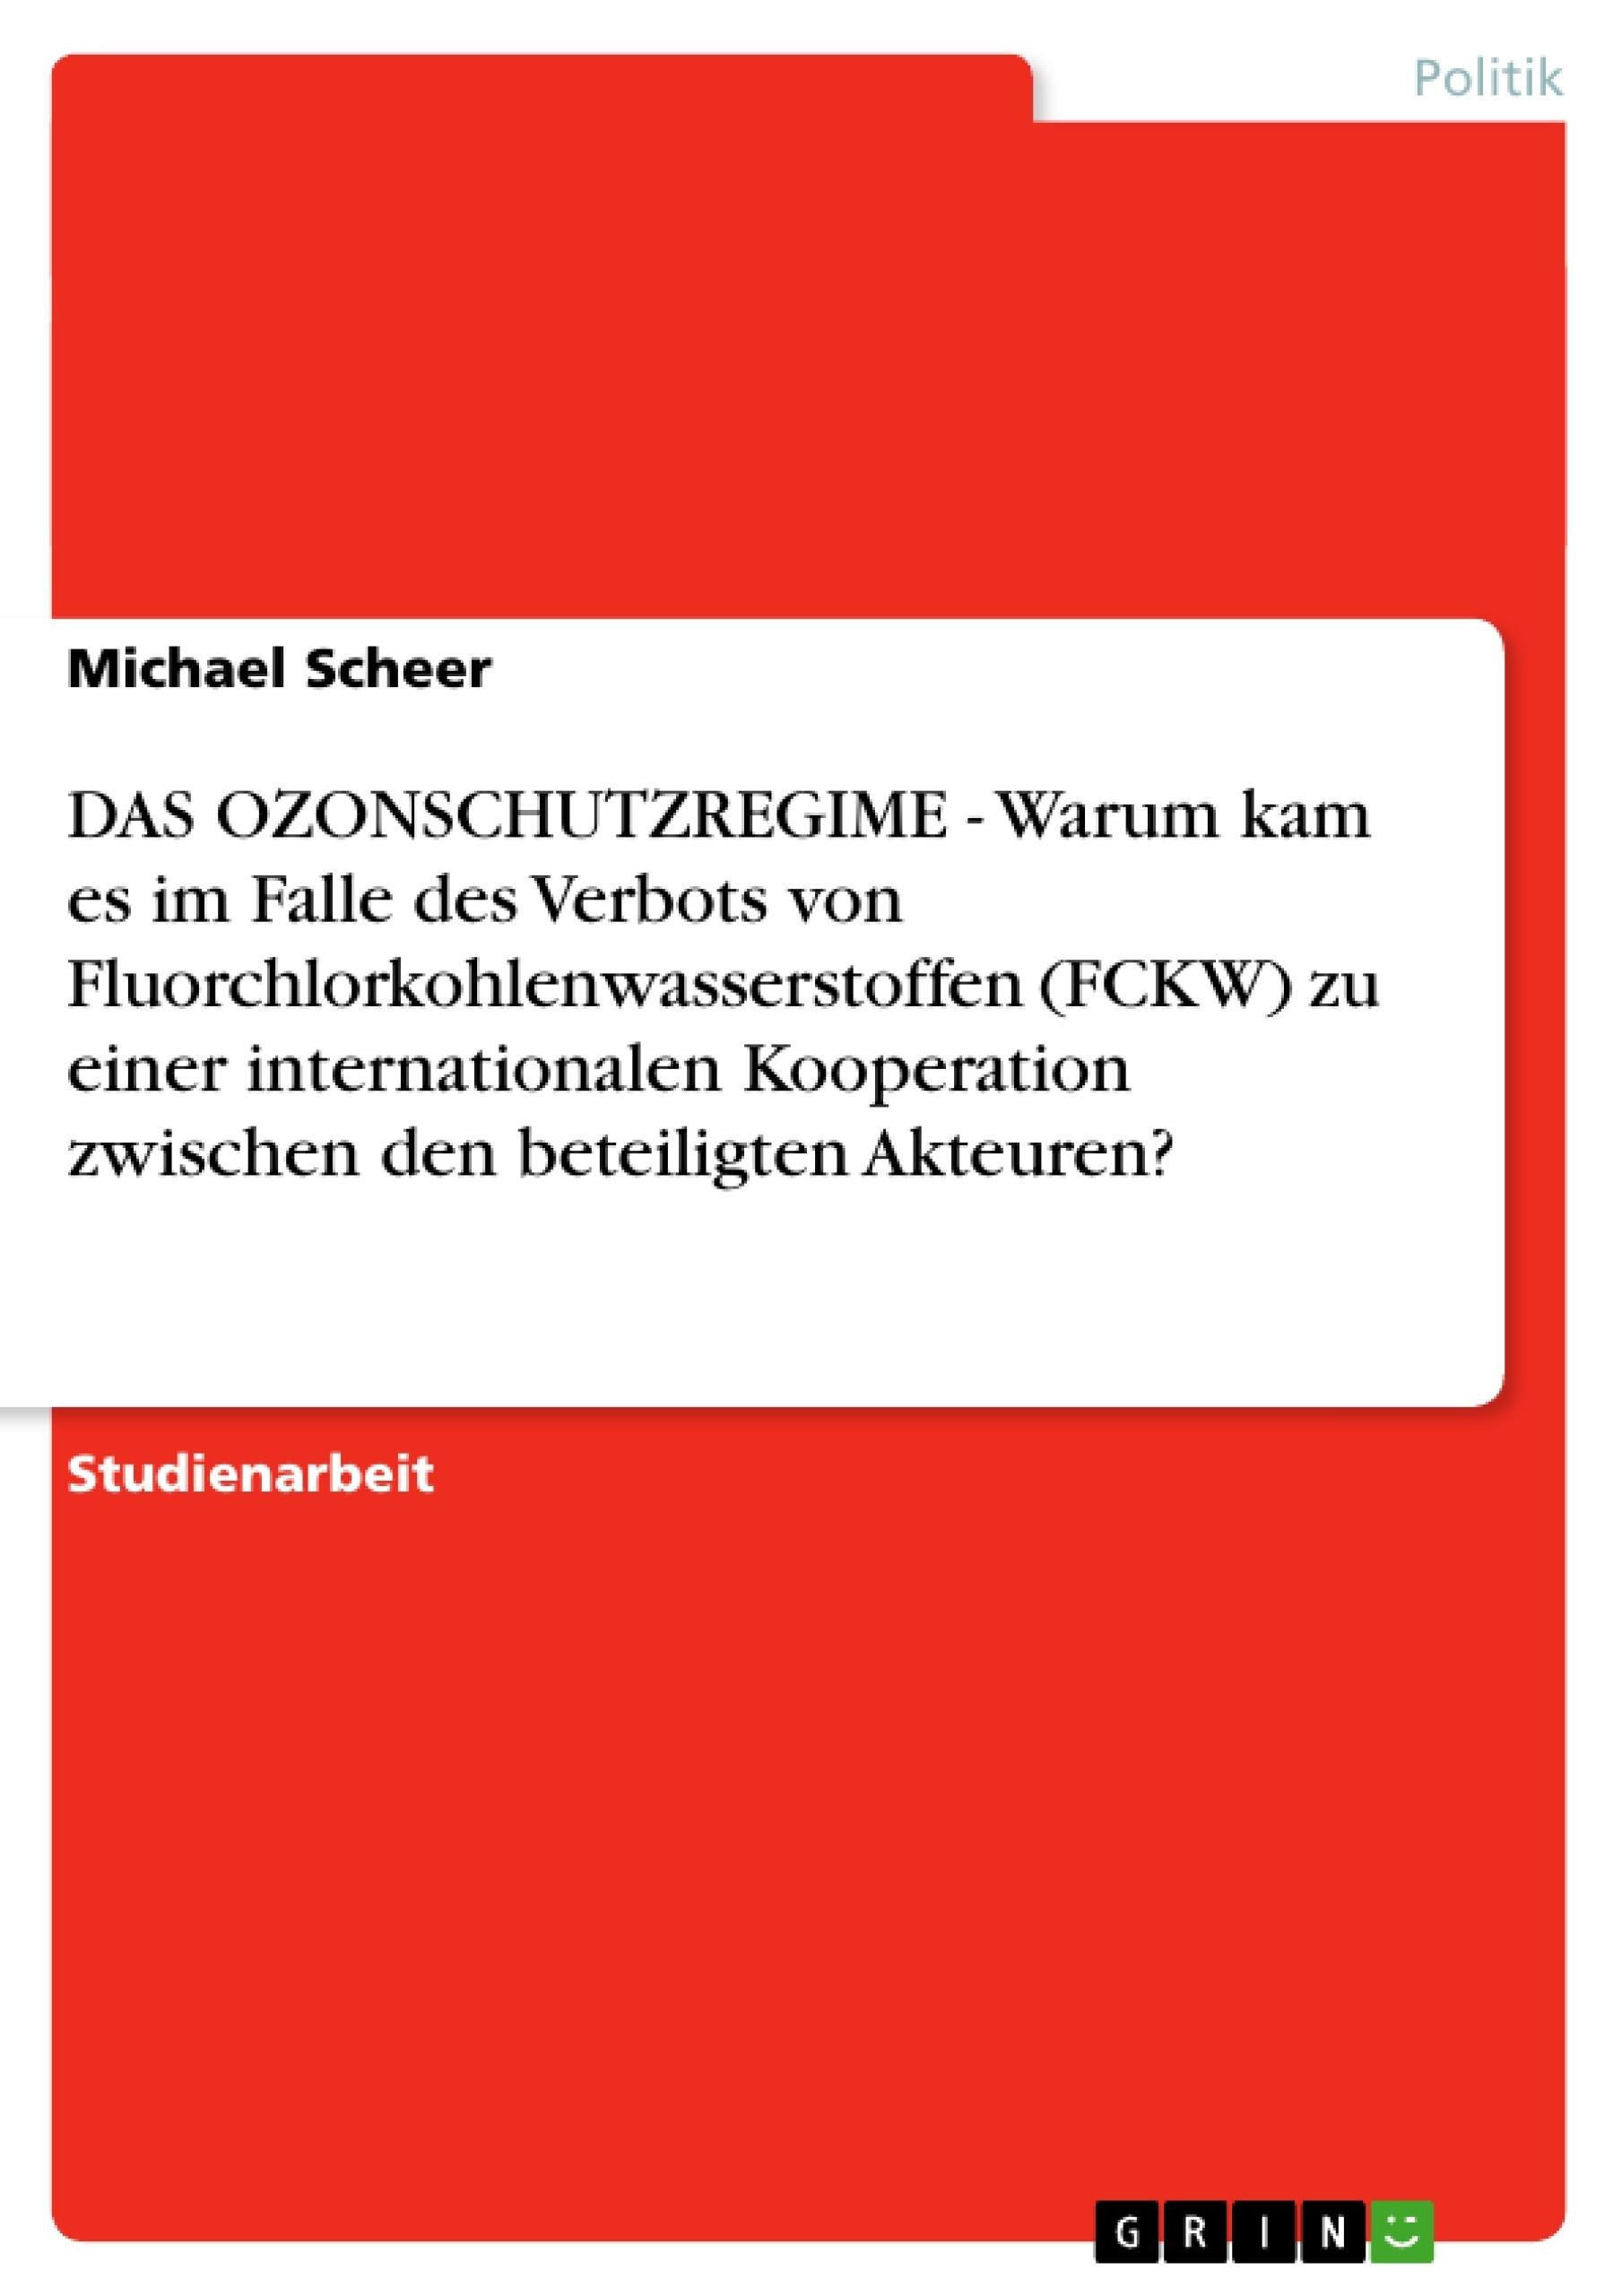 Titel: DAS OZONSCHUTZREGIME - Warum kam es im Falle des Verbots von Fluorchlorkohlenwasserstoffen (FCKW) zu einer internationalen Kooperation zwischen den beteiligten Akteuren?